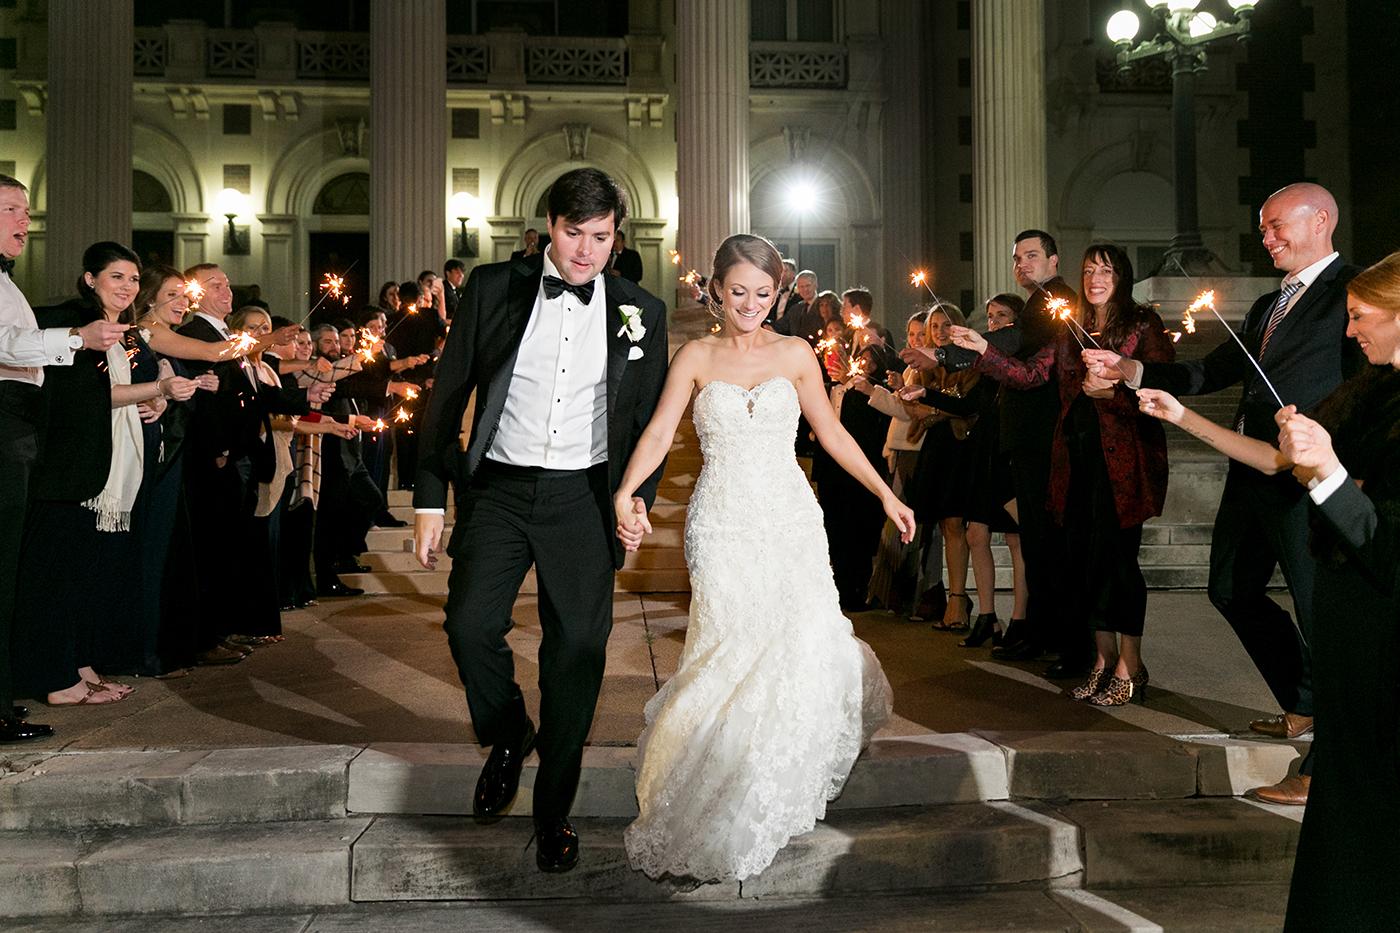 Dallas Wedding Planner - Allday Events - Classic Wedding at Dallas Scottish Rite - 397.jpg